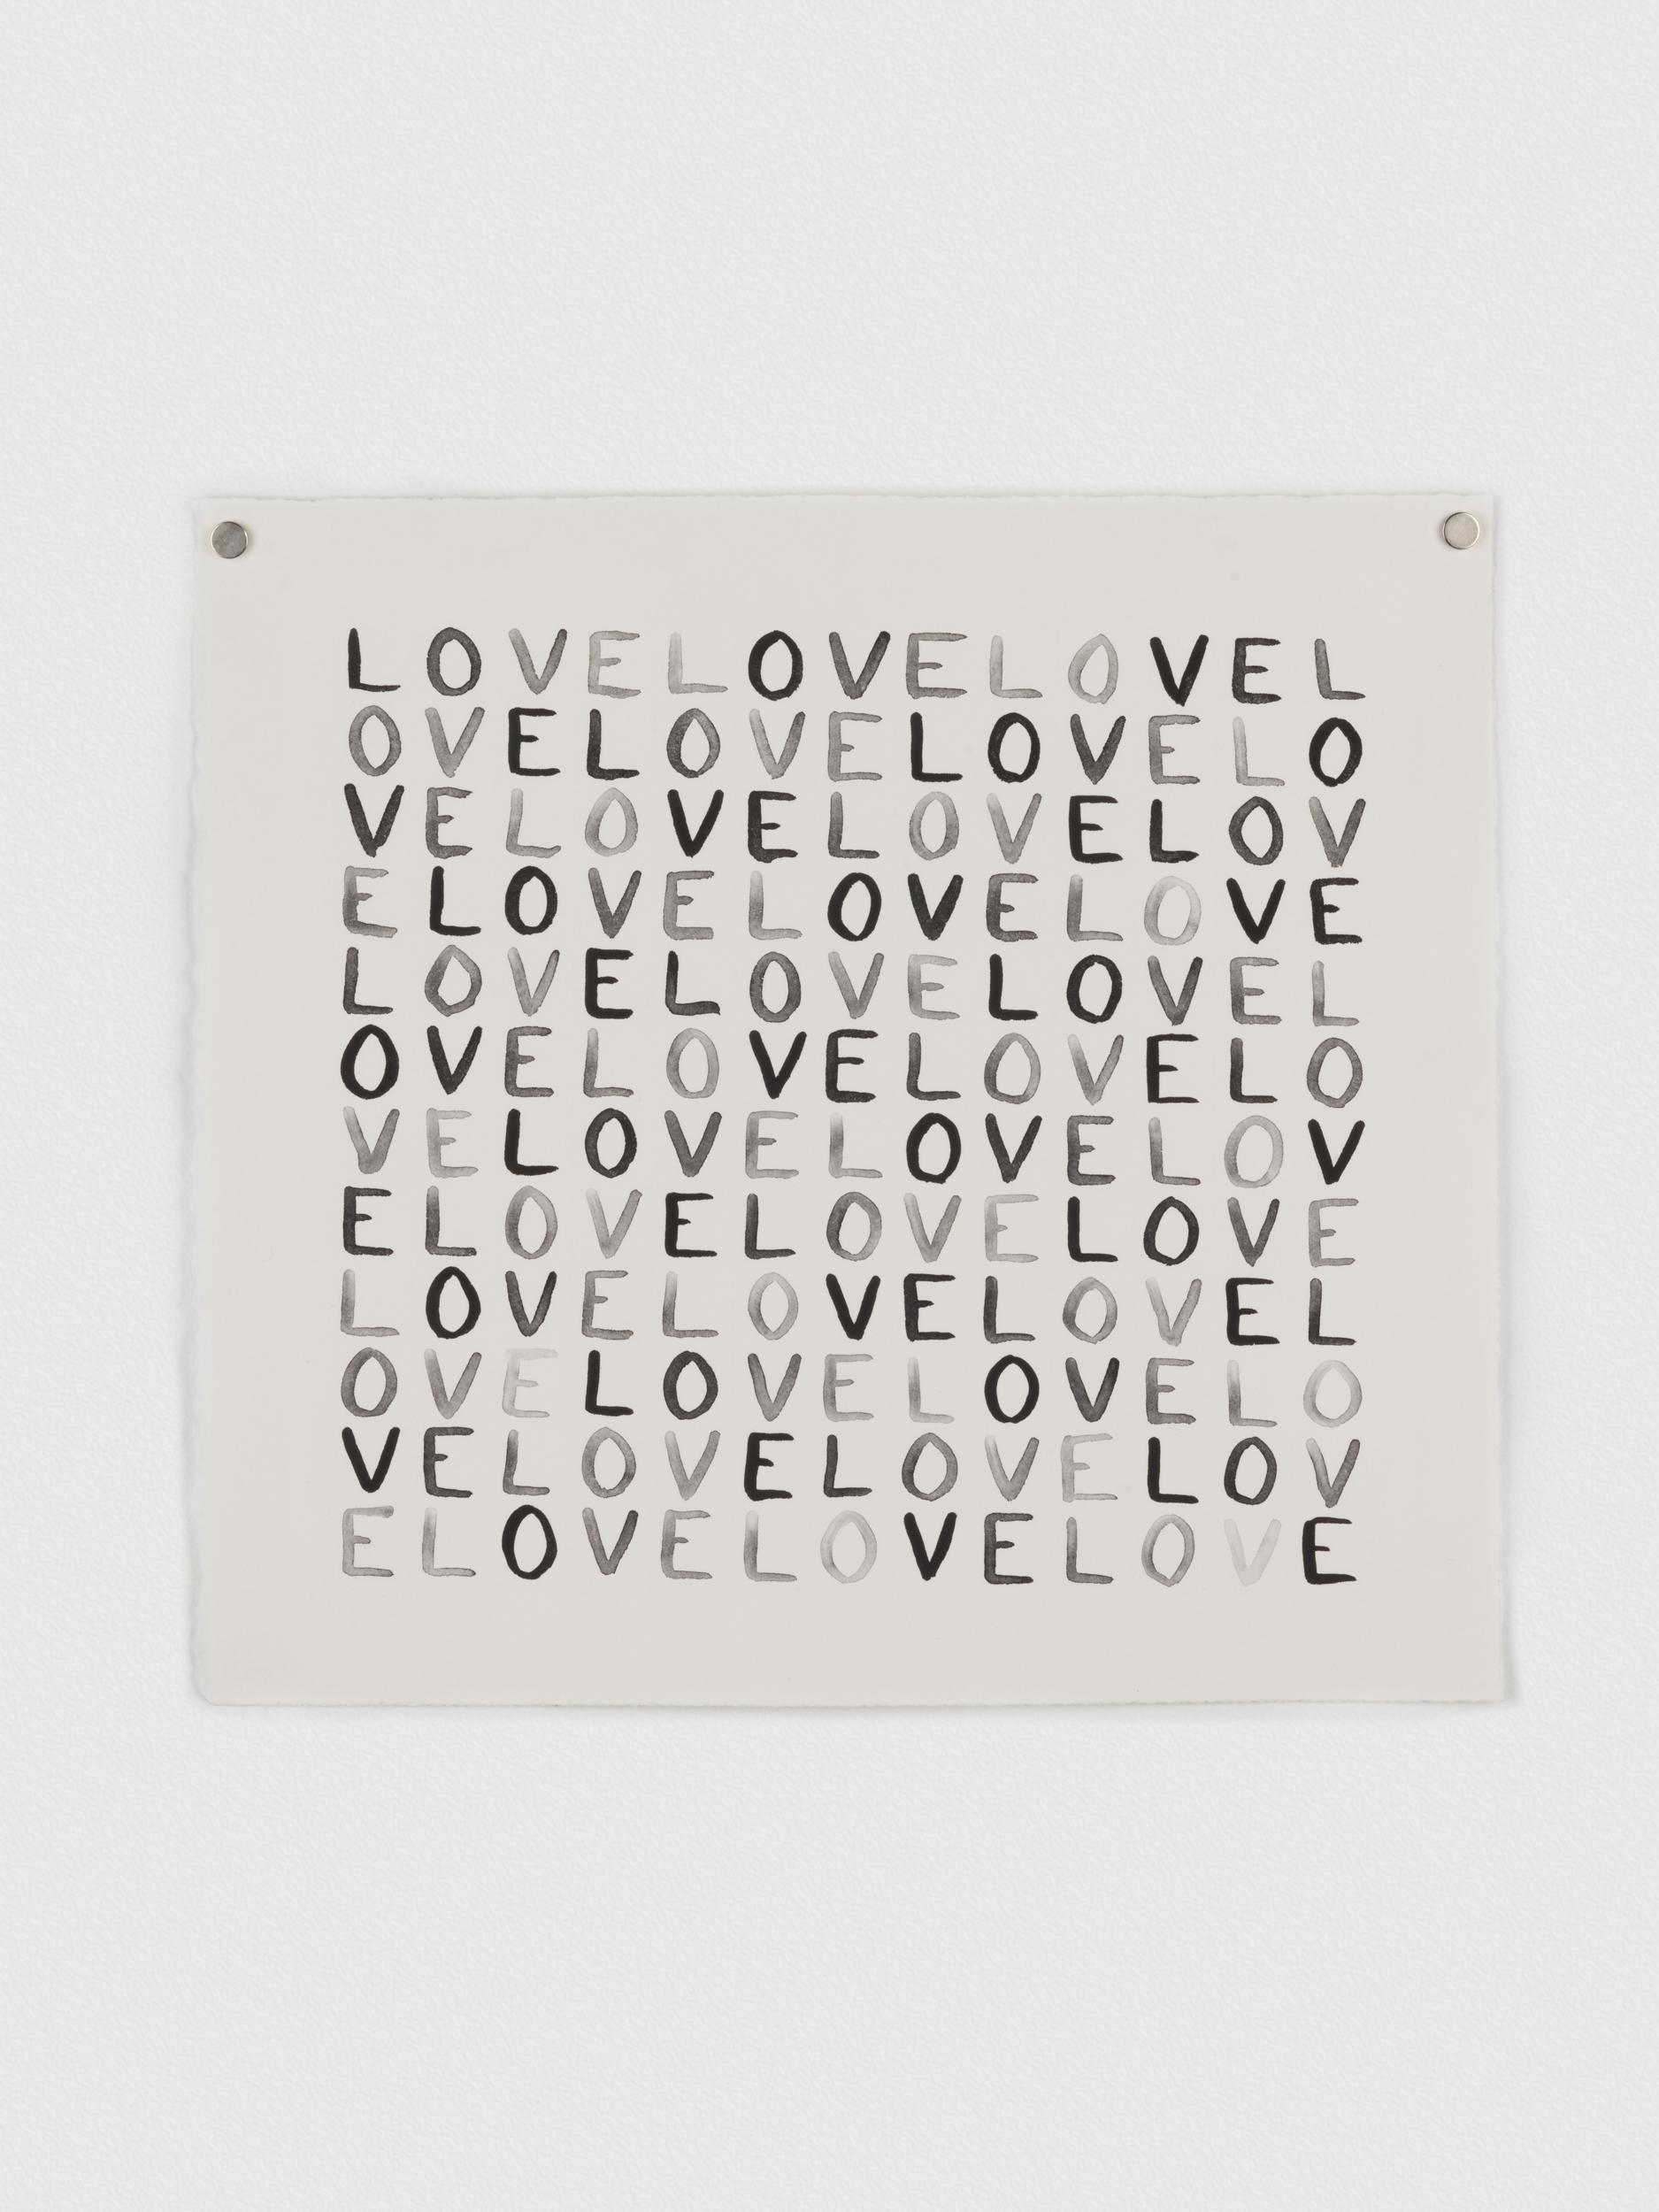 LoveIsABug-16.jpg